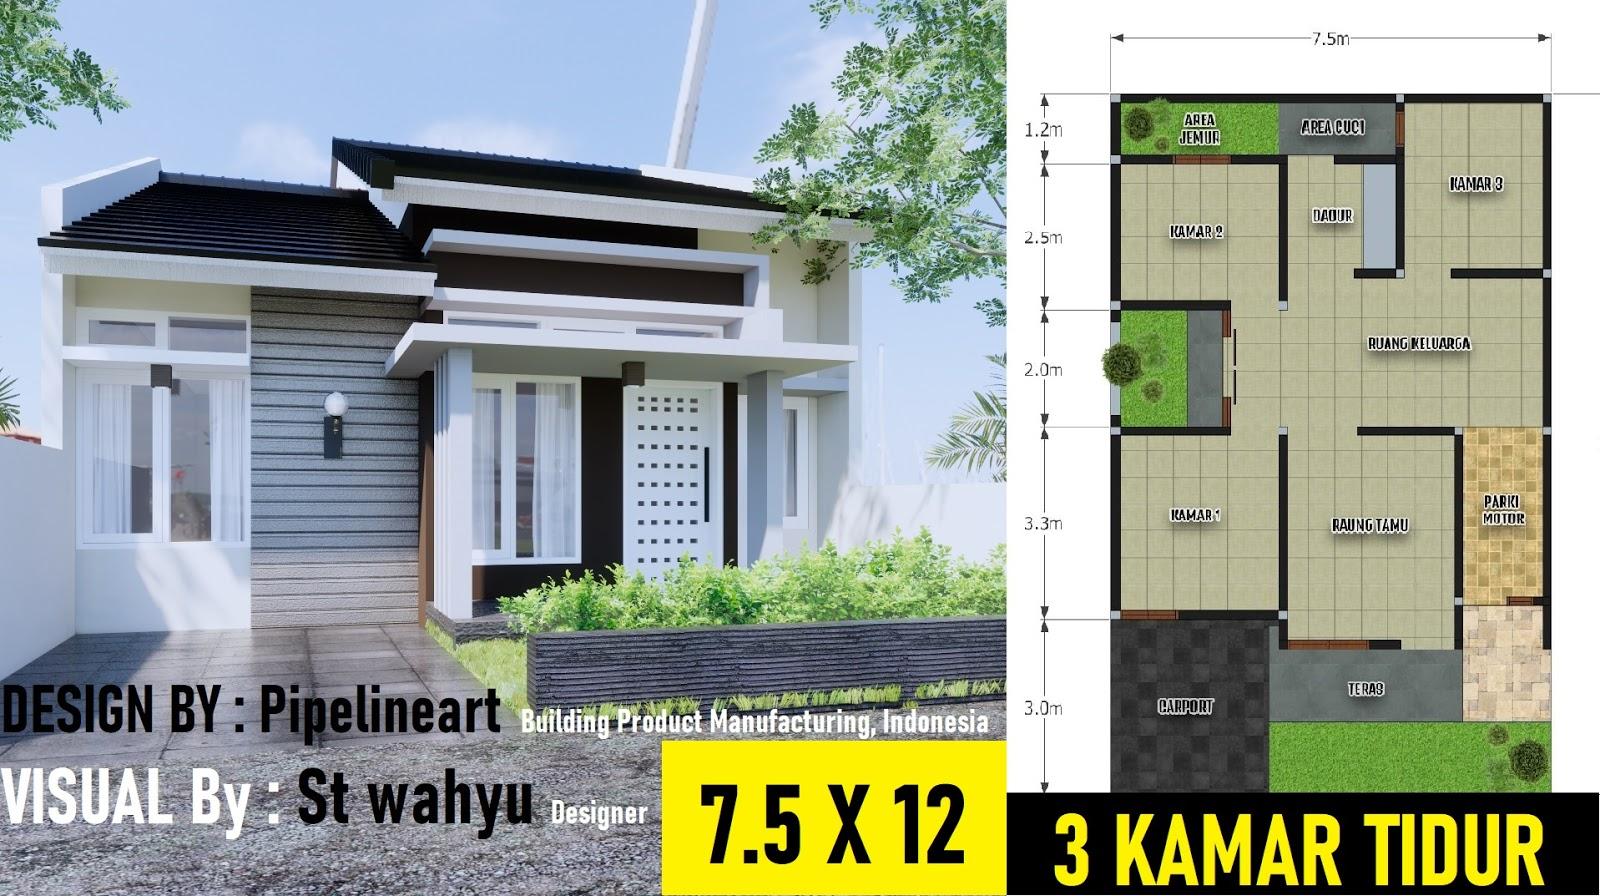 Rumah Minimalis 7 5x12 3 Kamar Tidur Desain Rumah Minimalis